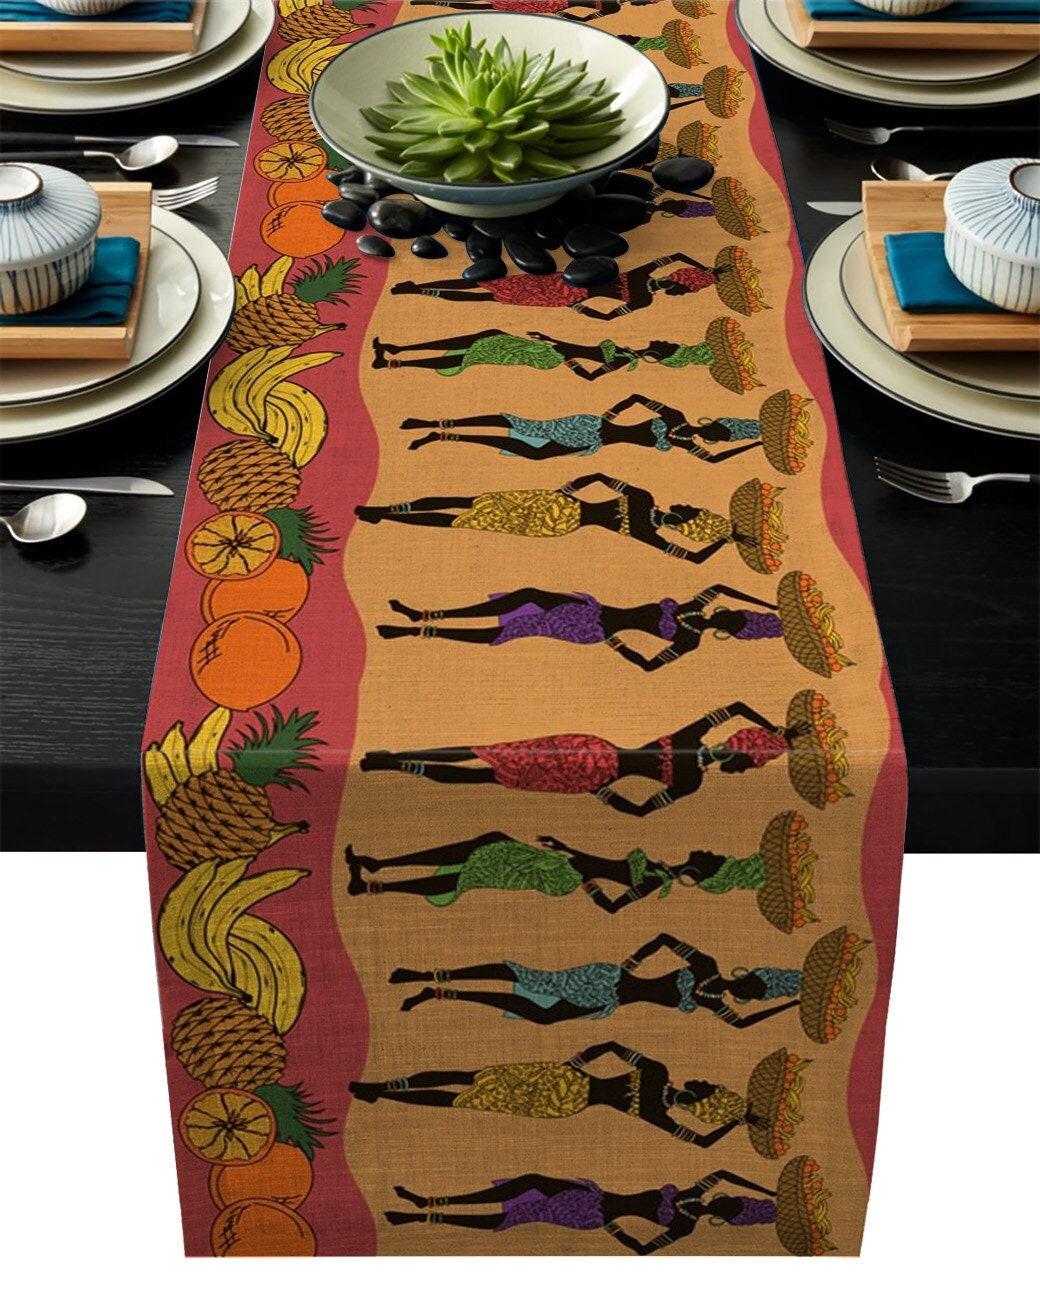 tischläufer tischläufer afrikanische frauen obstkorb küche